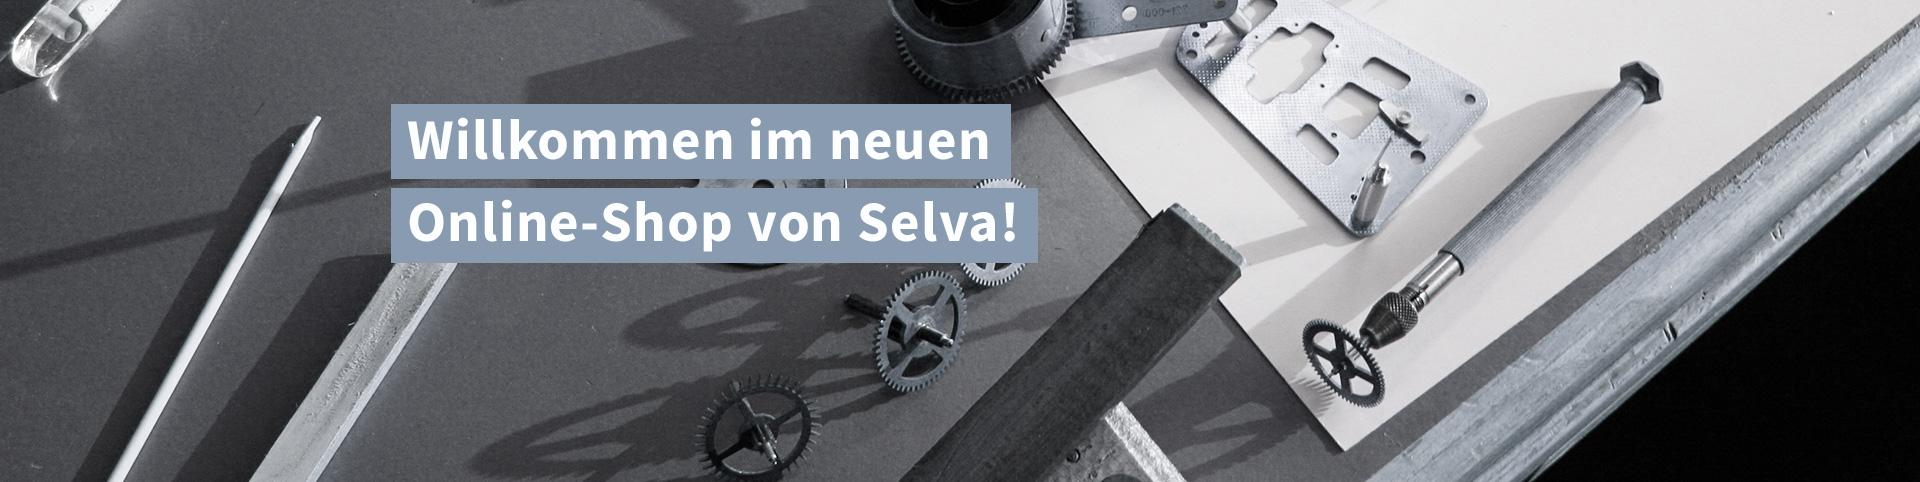 001_DE_Willkommen